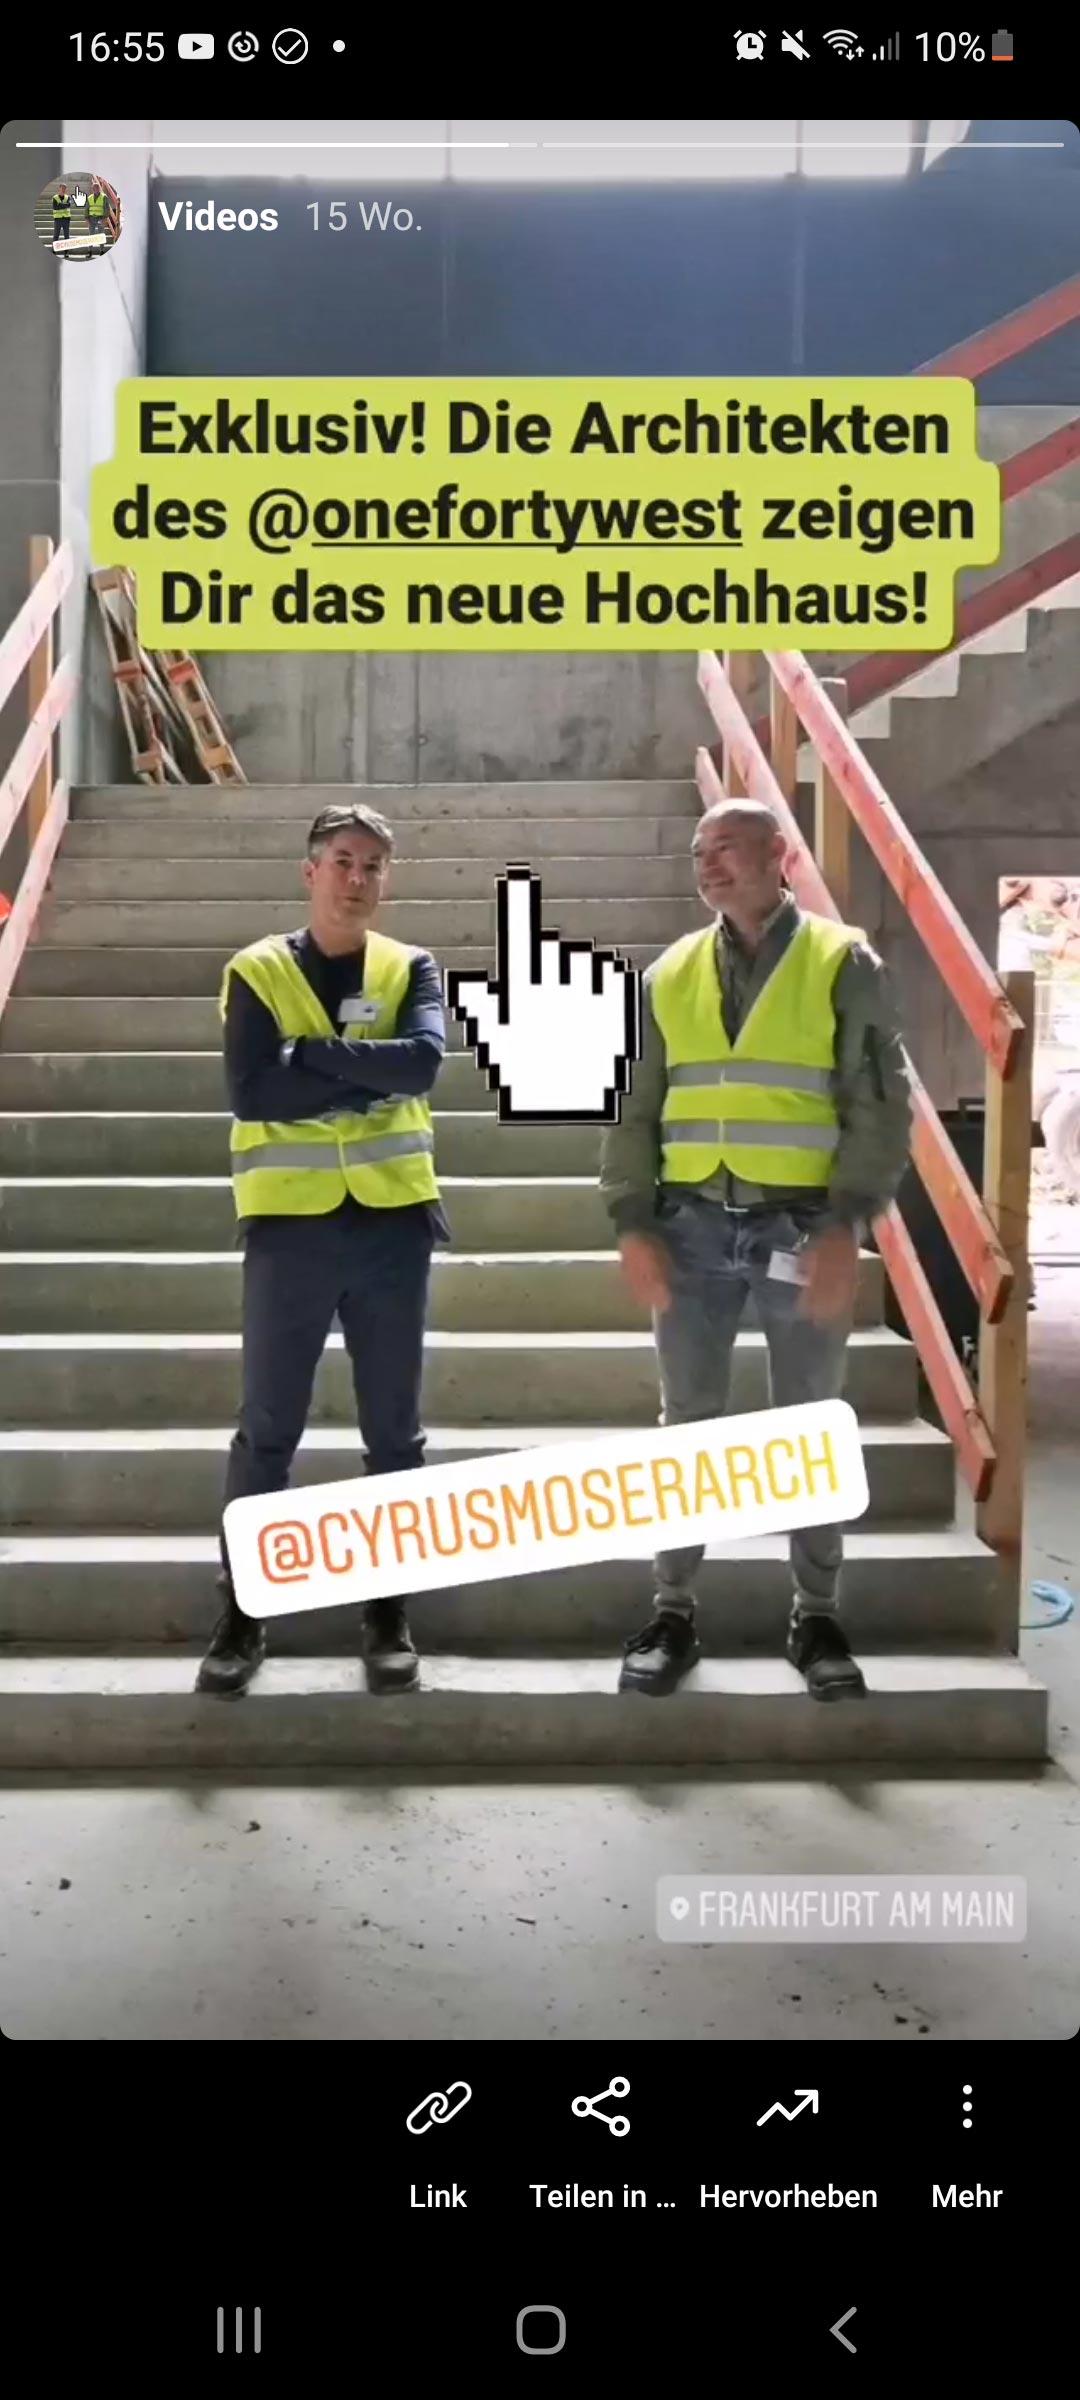 Architekten Social Media Instagram - CMA Frankfurt - Cyrus Moser Architekten - Beispiel für gute Social Media Arbeit von Architekten und Planern